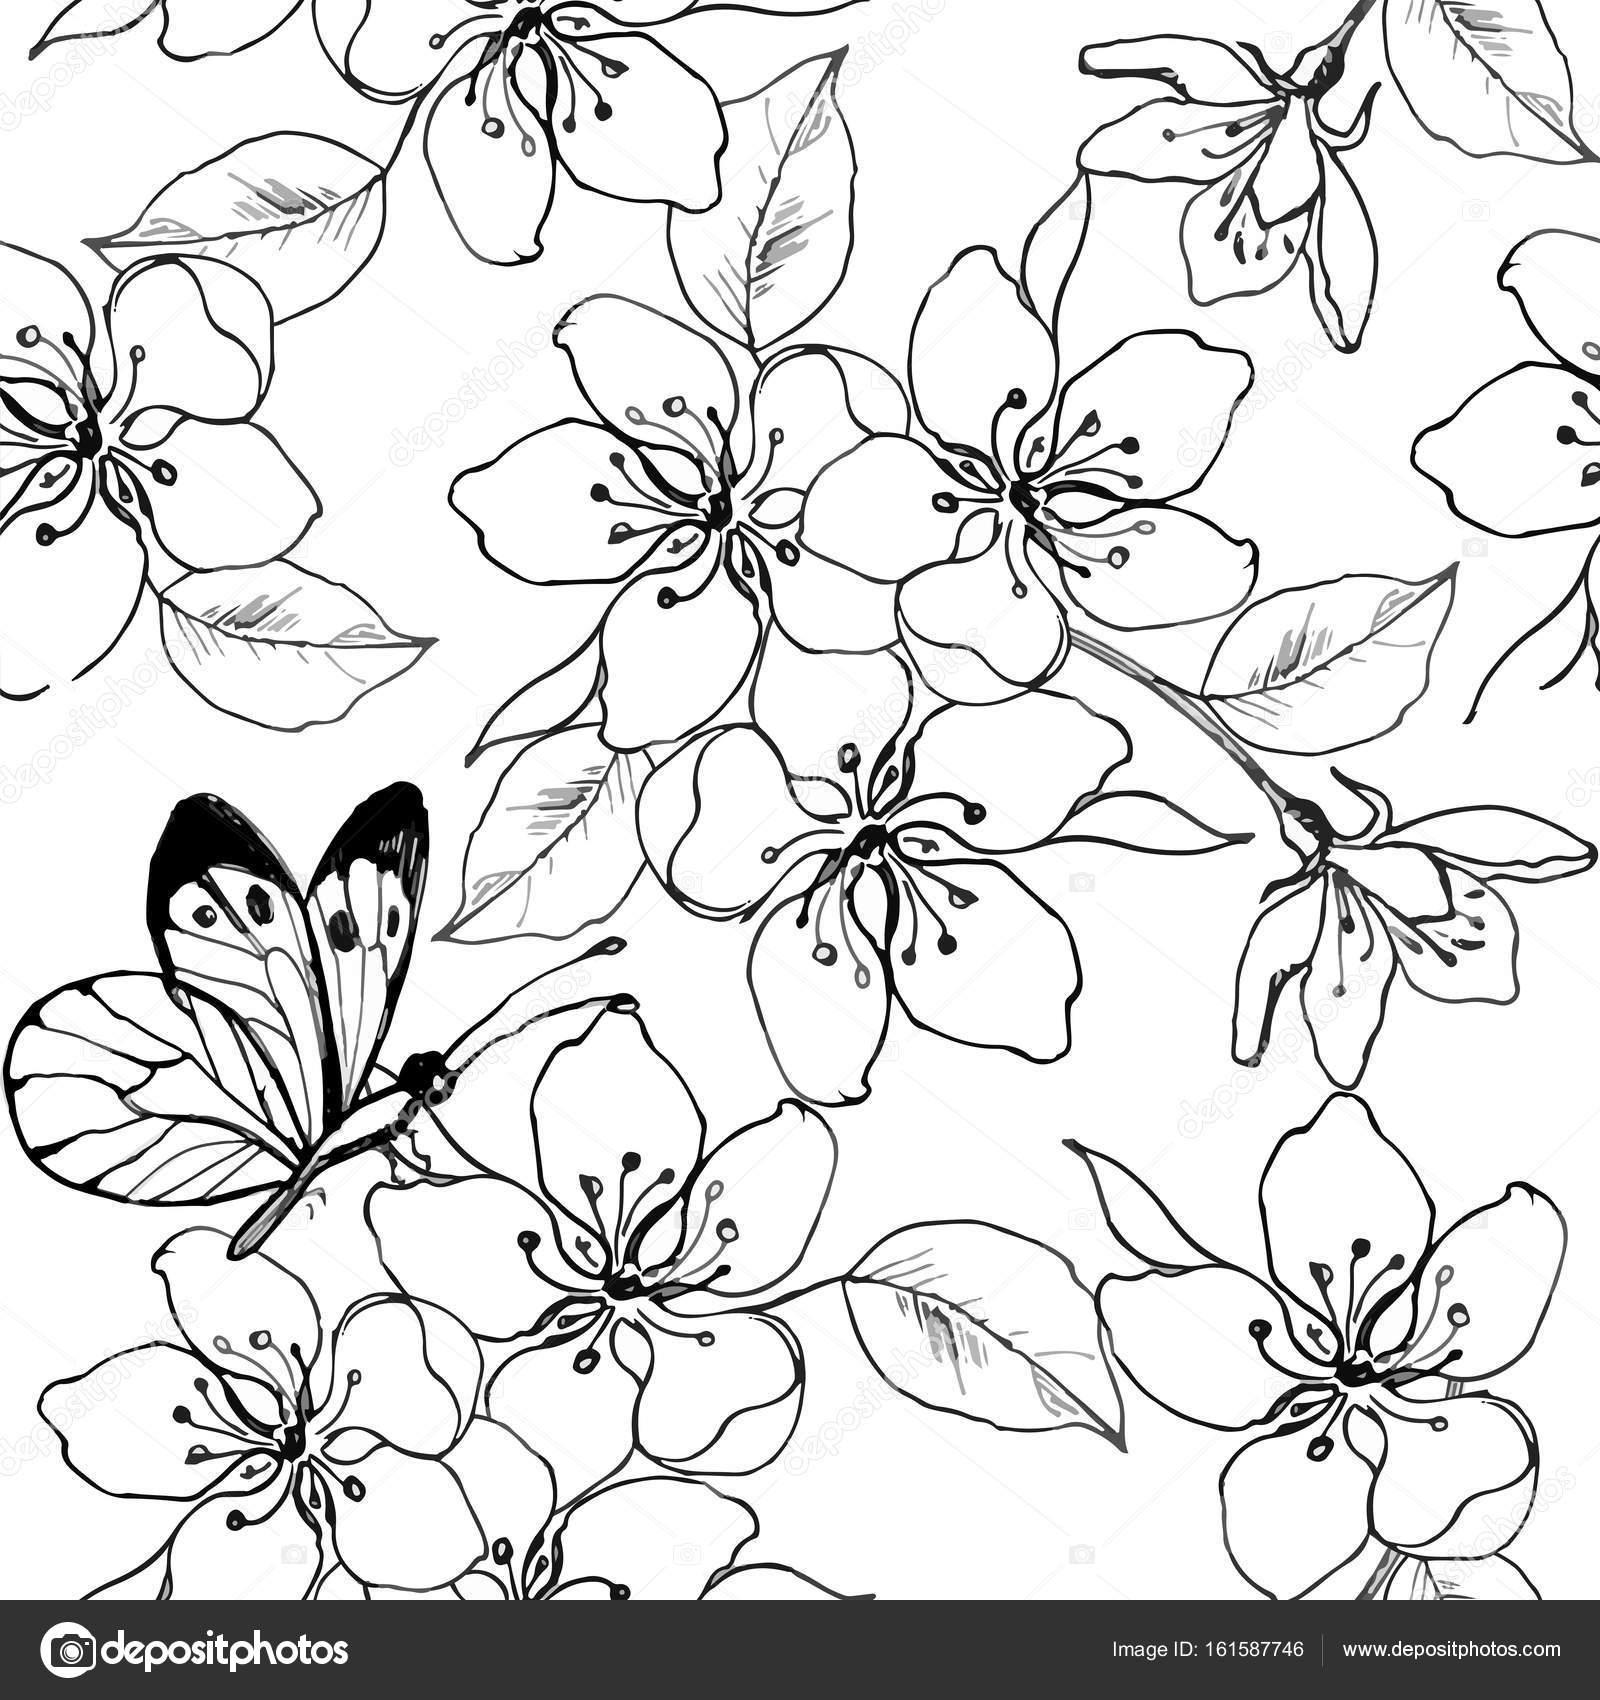 Kiraz çiçeği Armut Elma Ağacı Ile Kelebek Elle çizilmiş Dalı